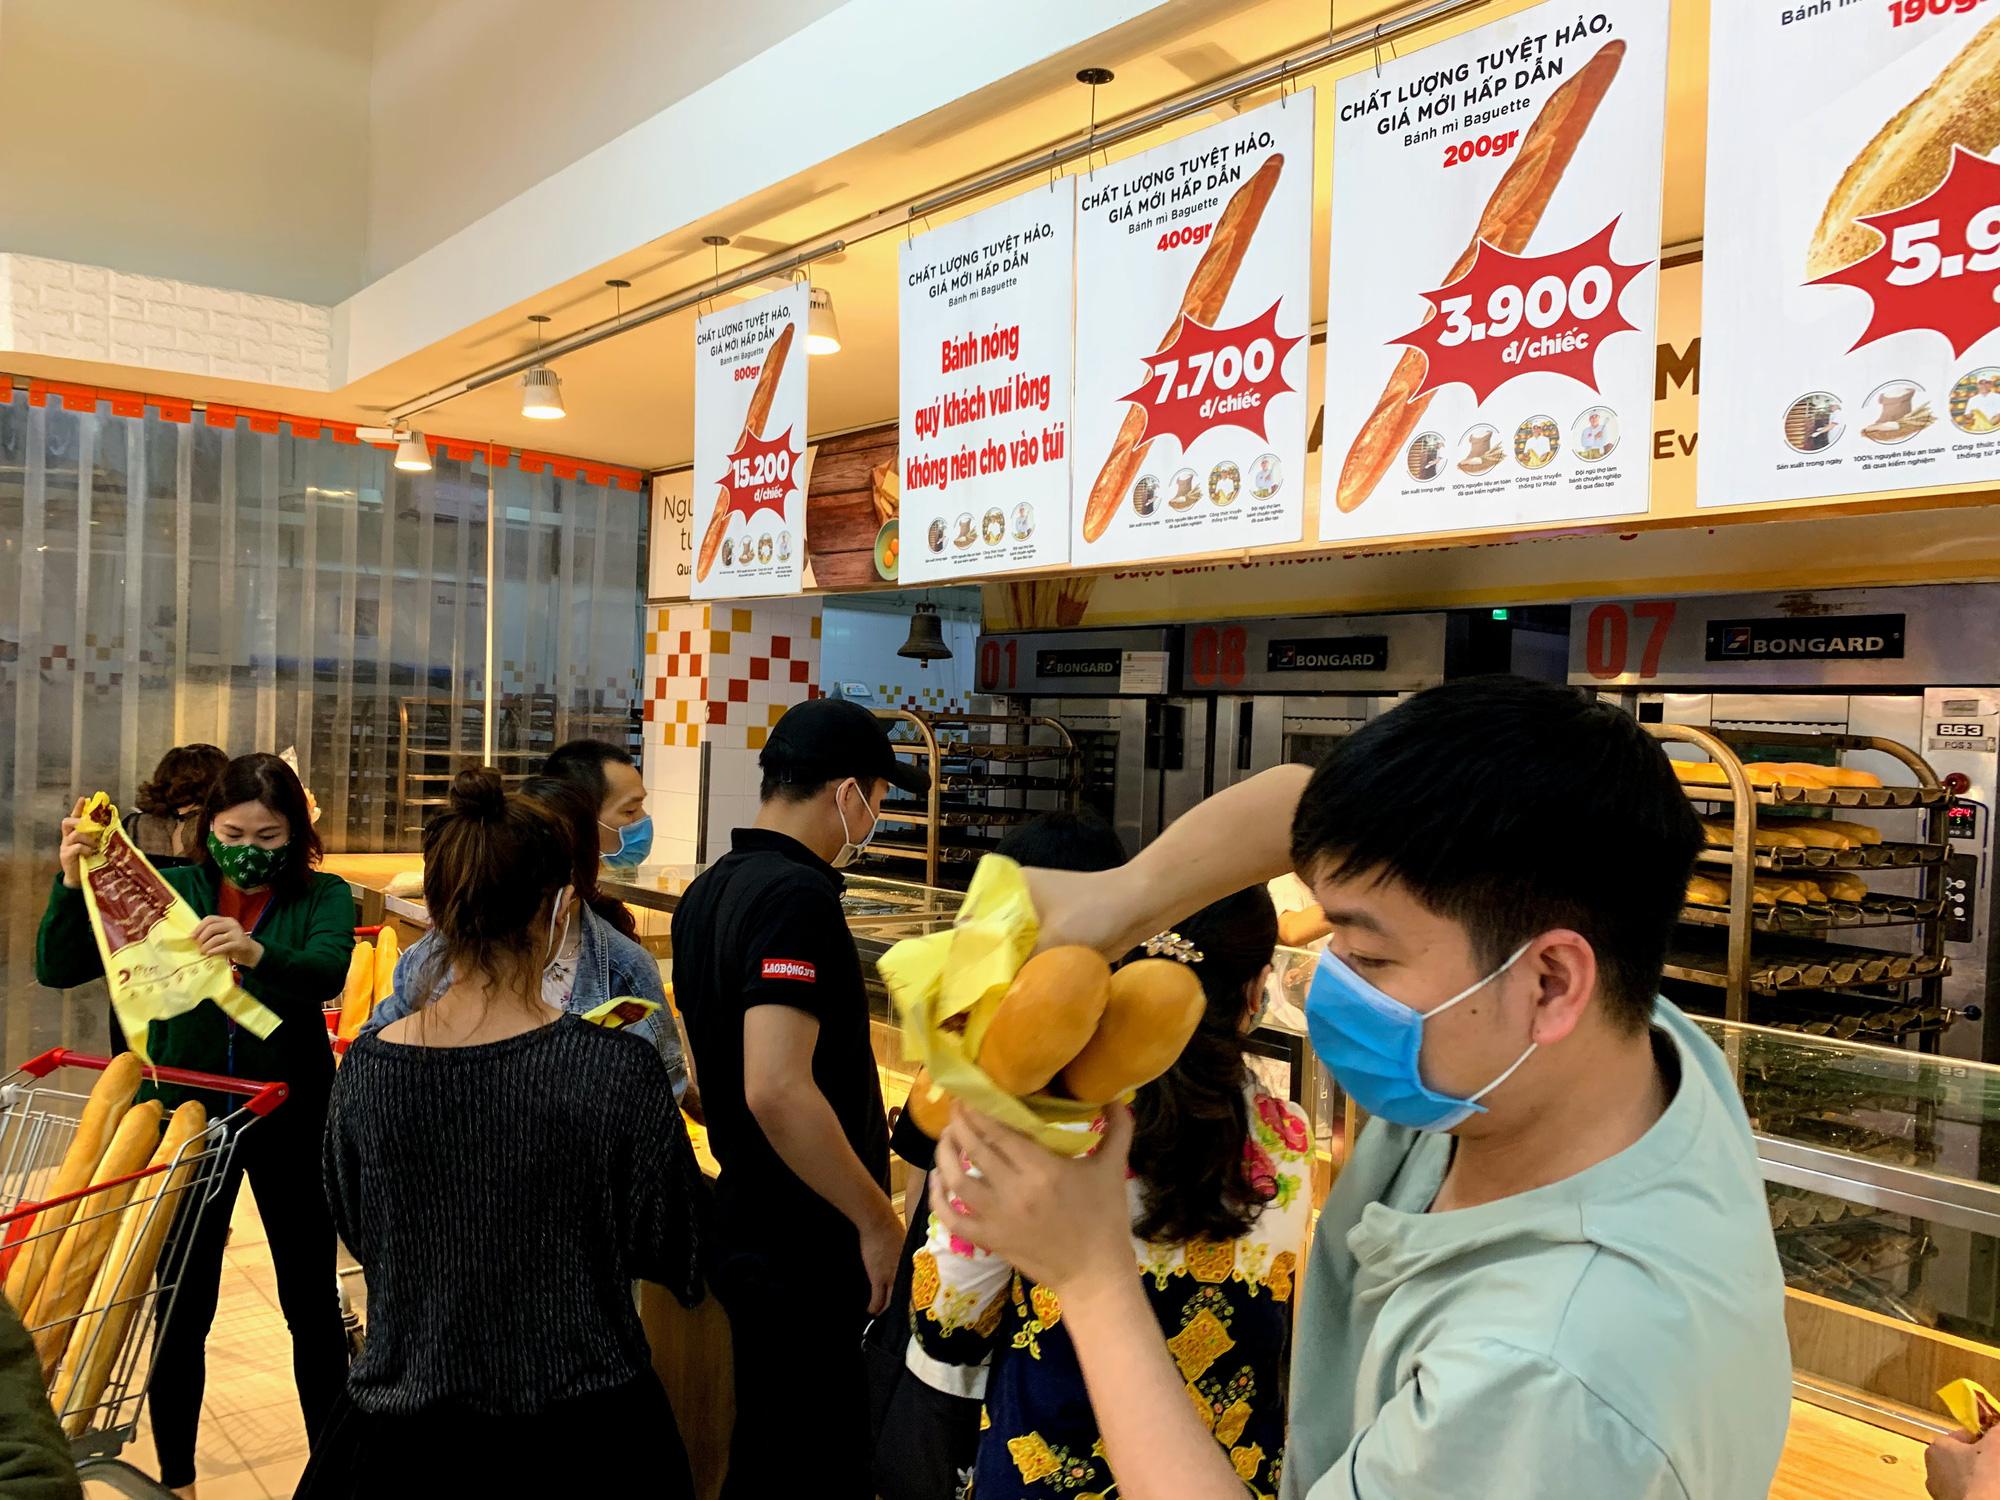 Trước giờ giới nghiêm, người Hà Nội ùn ùn kéo về siêu thị, mua sạch mì tôm, thực phẩm, giấy vệ sinh - Ảnh 13.